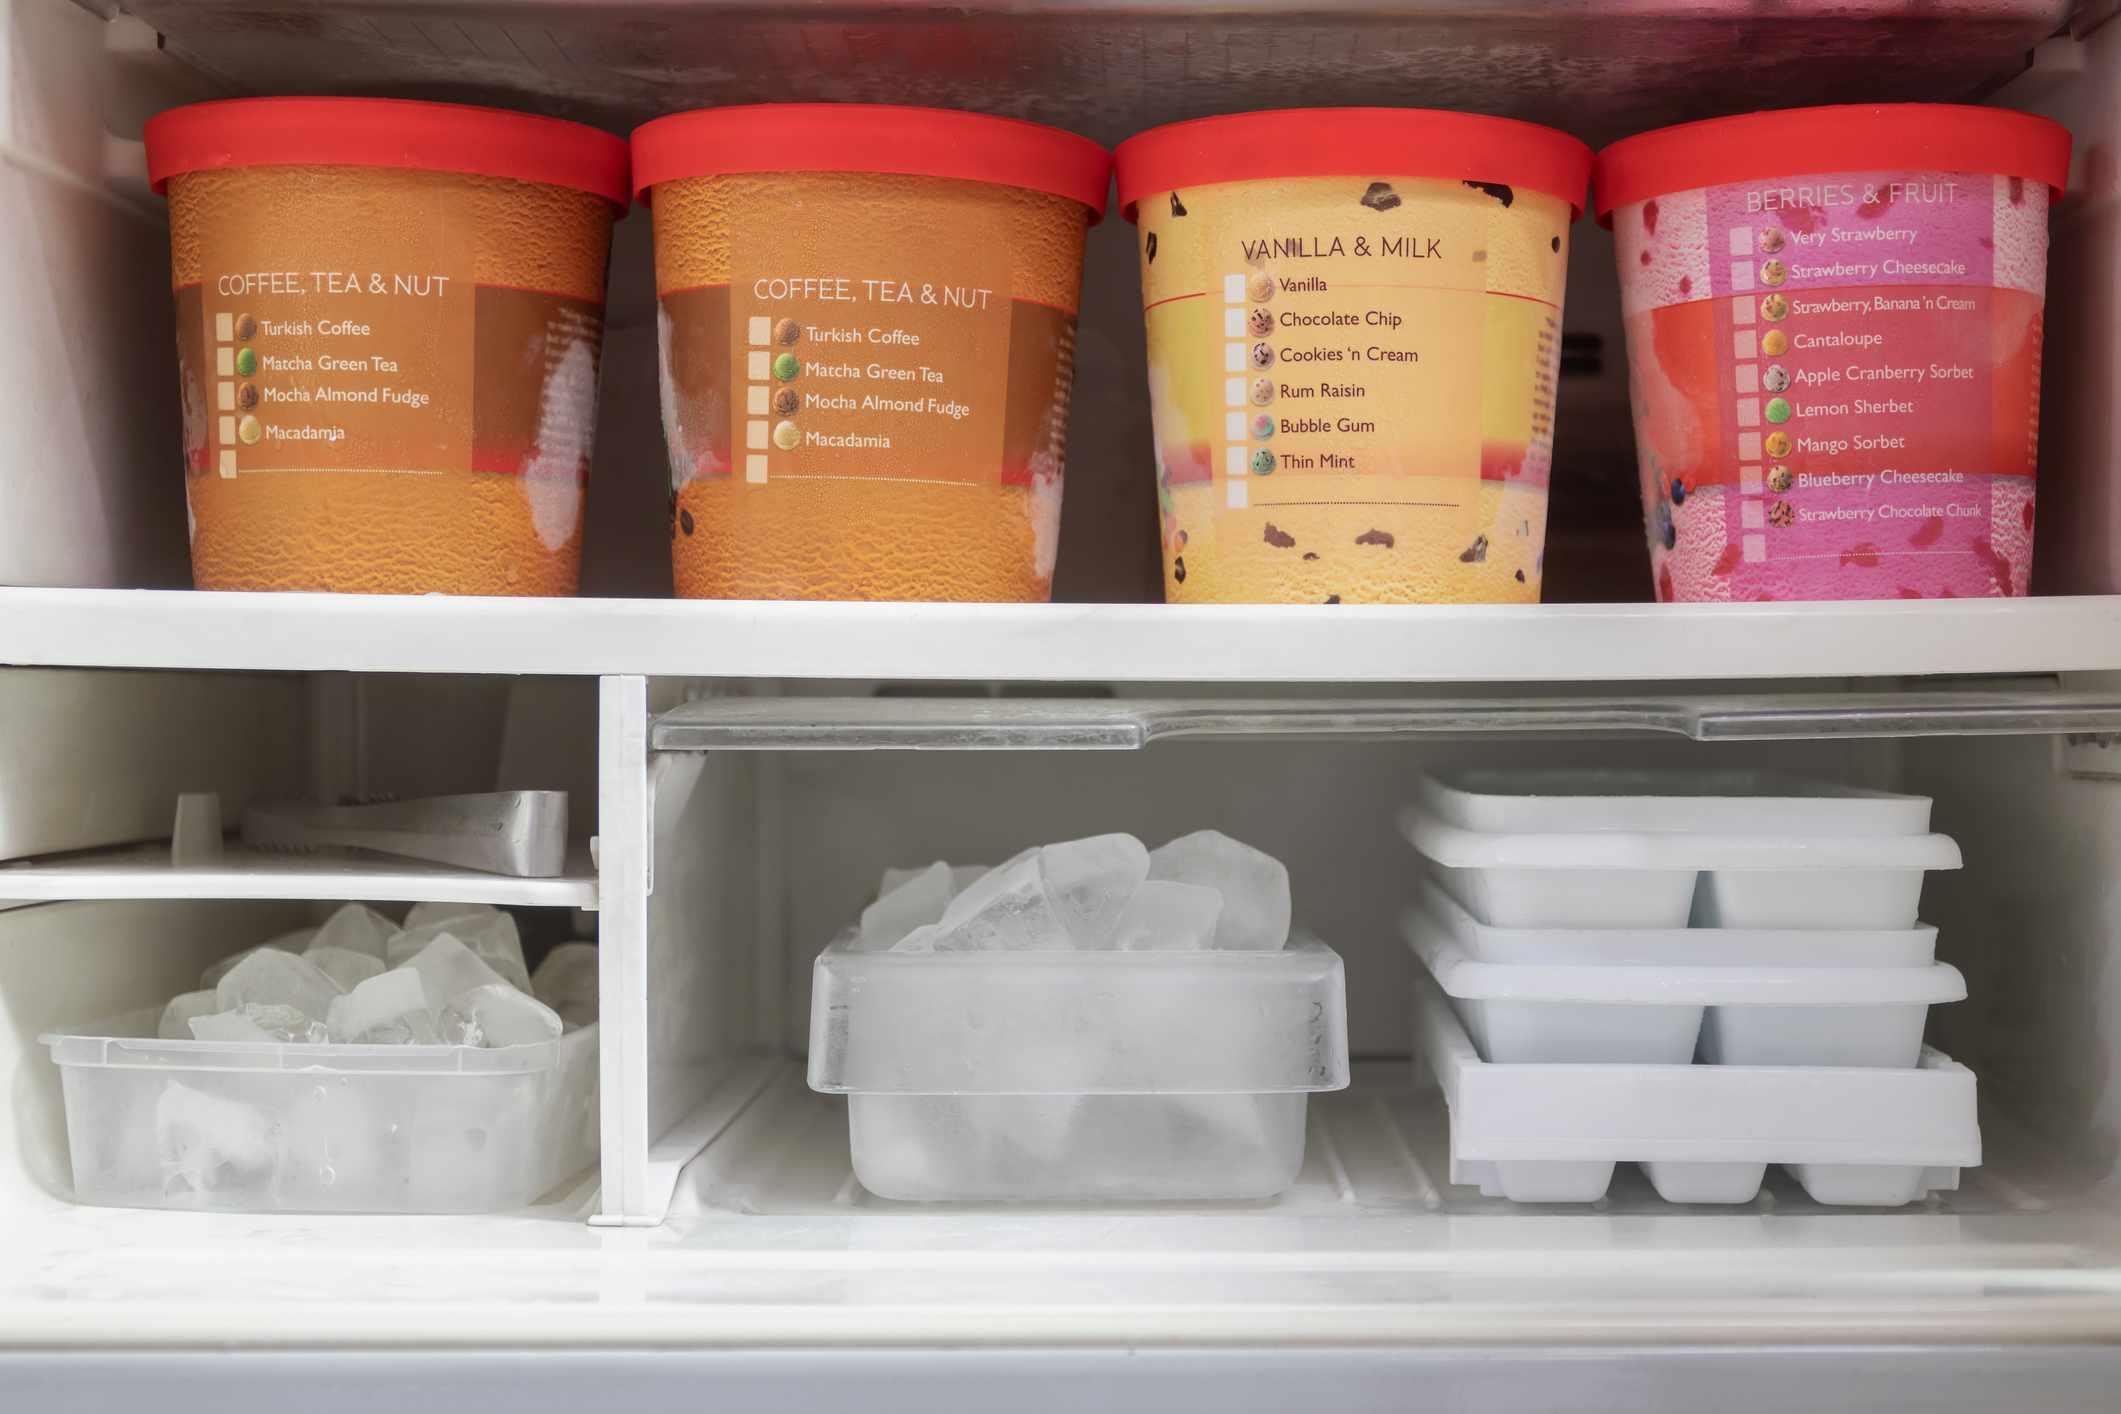 Ice cream pints in the freezer.